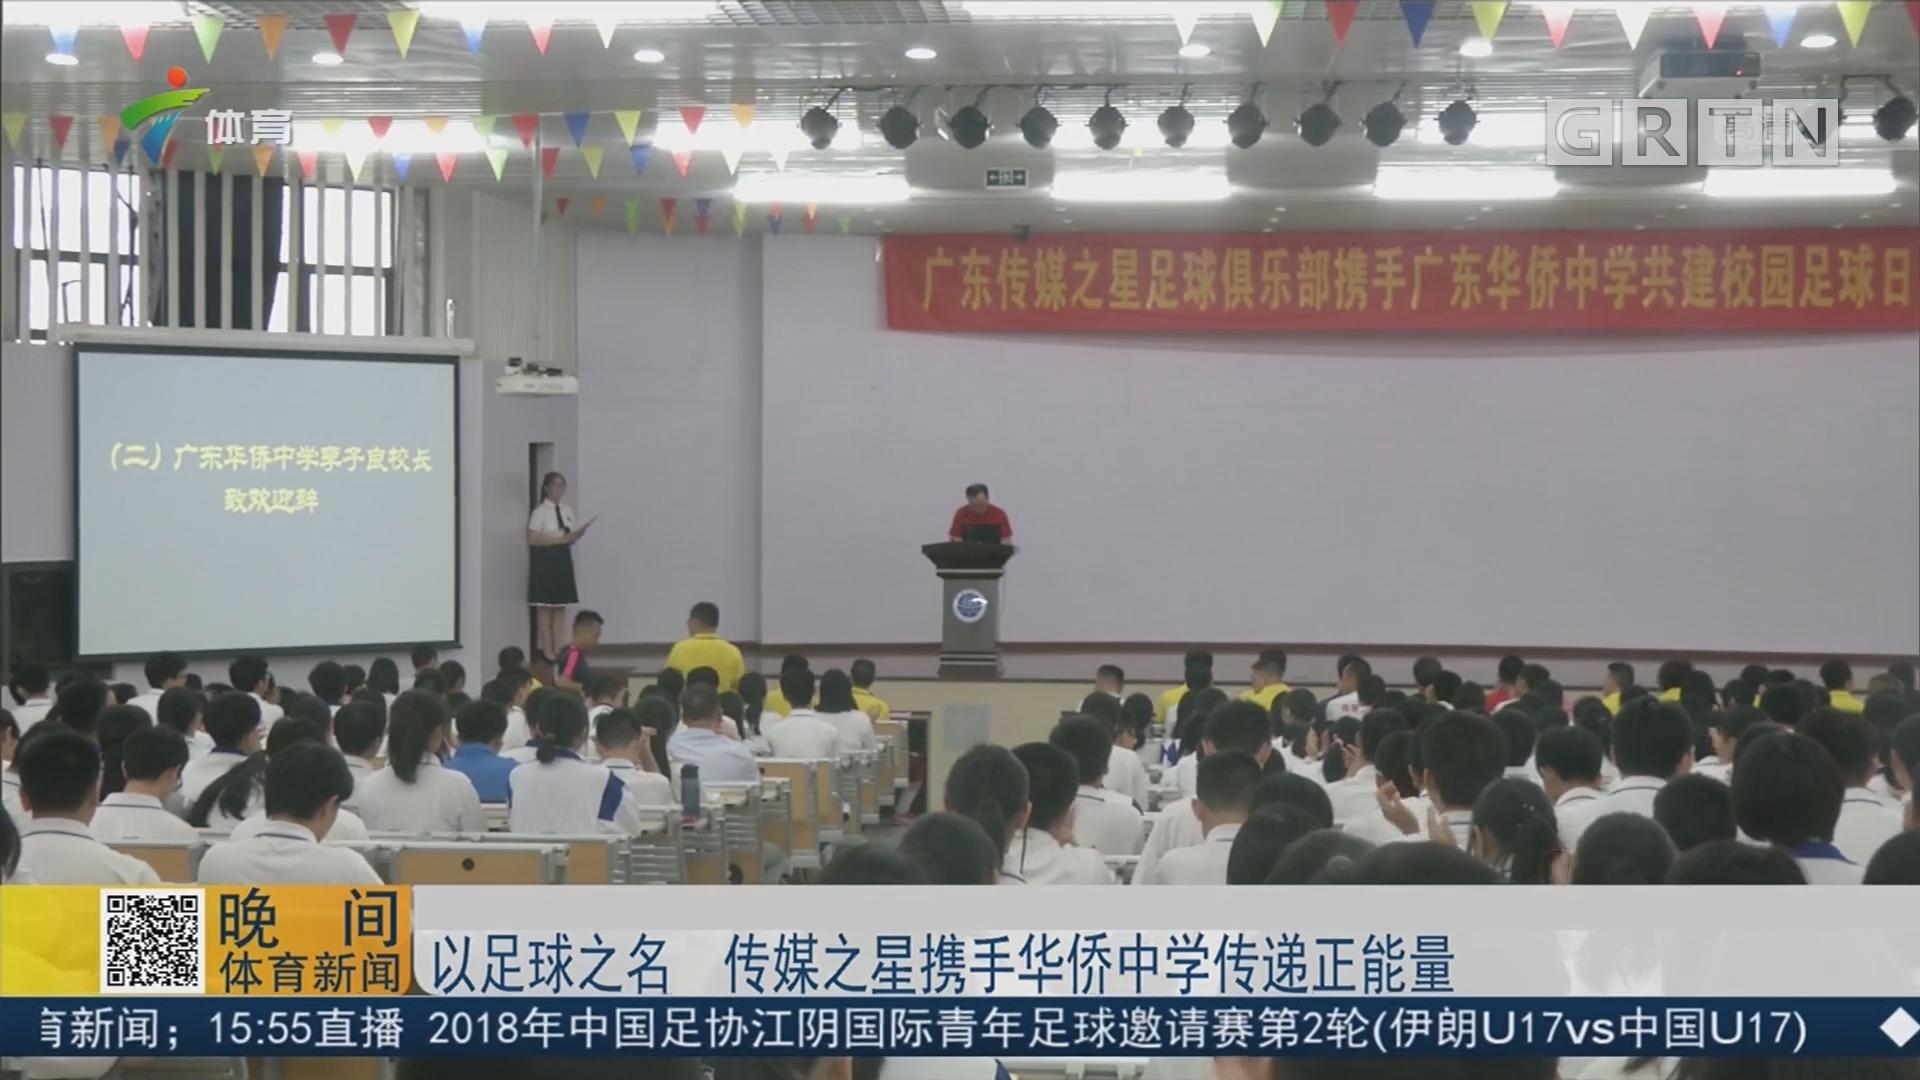 以足球之名 传媒之星携手华侨中学传递正能量